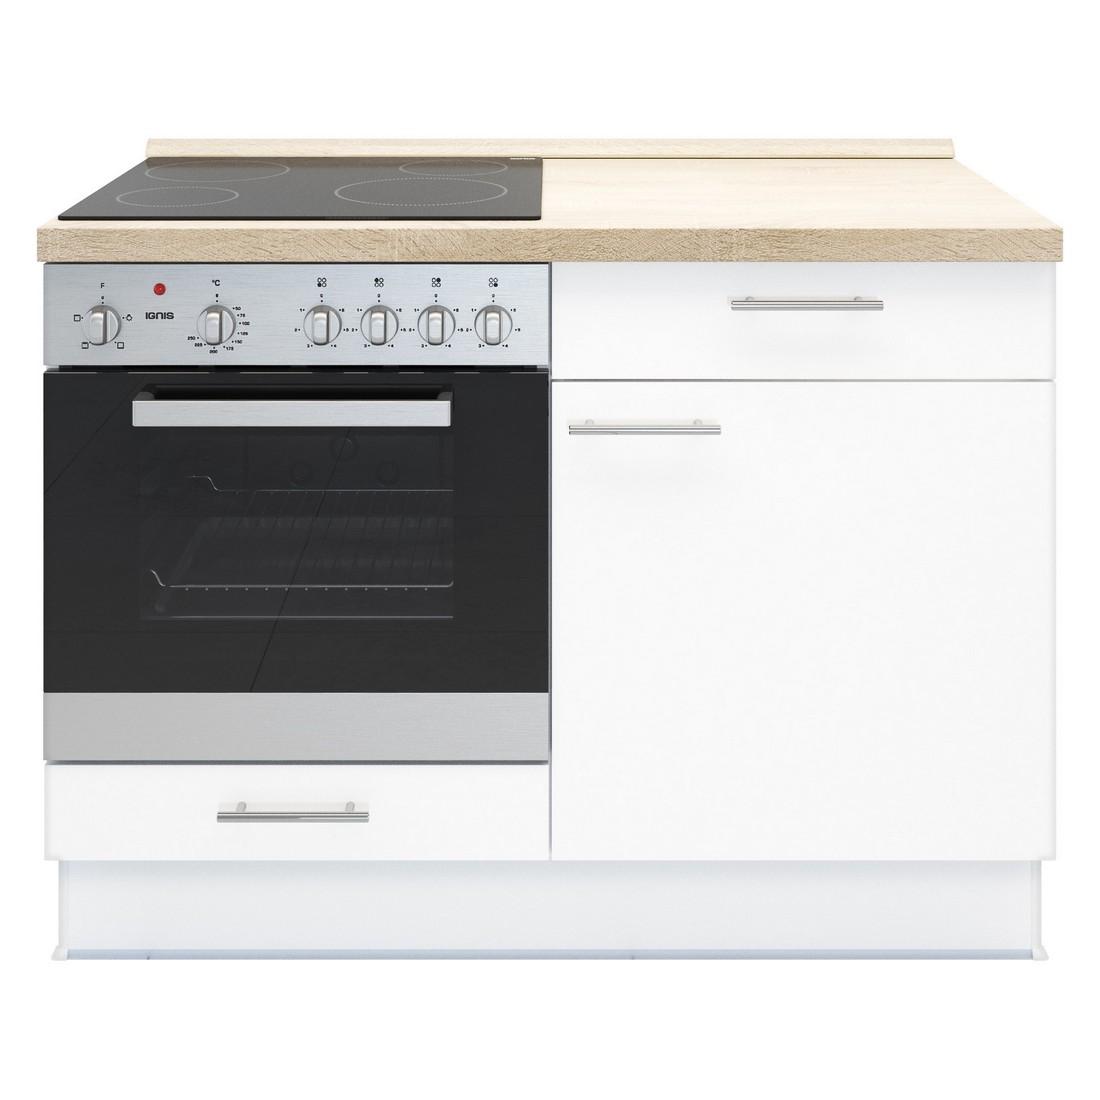 Küchenmodul Basic – mit Glaskeramik Kochfeld und Backofen – Weiß – Ausrichtung Links, Kiveda günstig bestellen